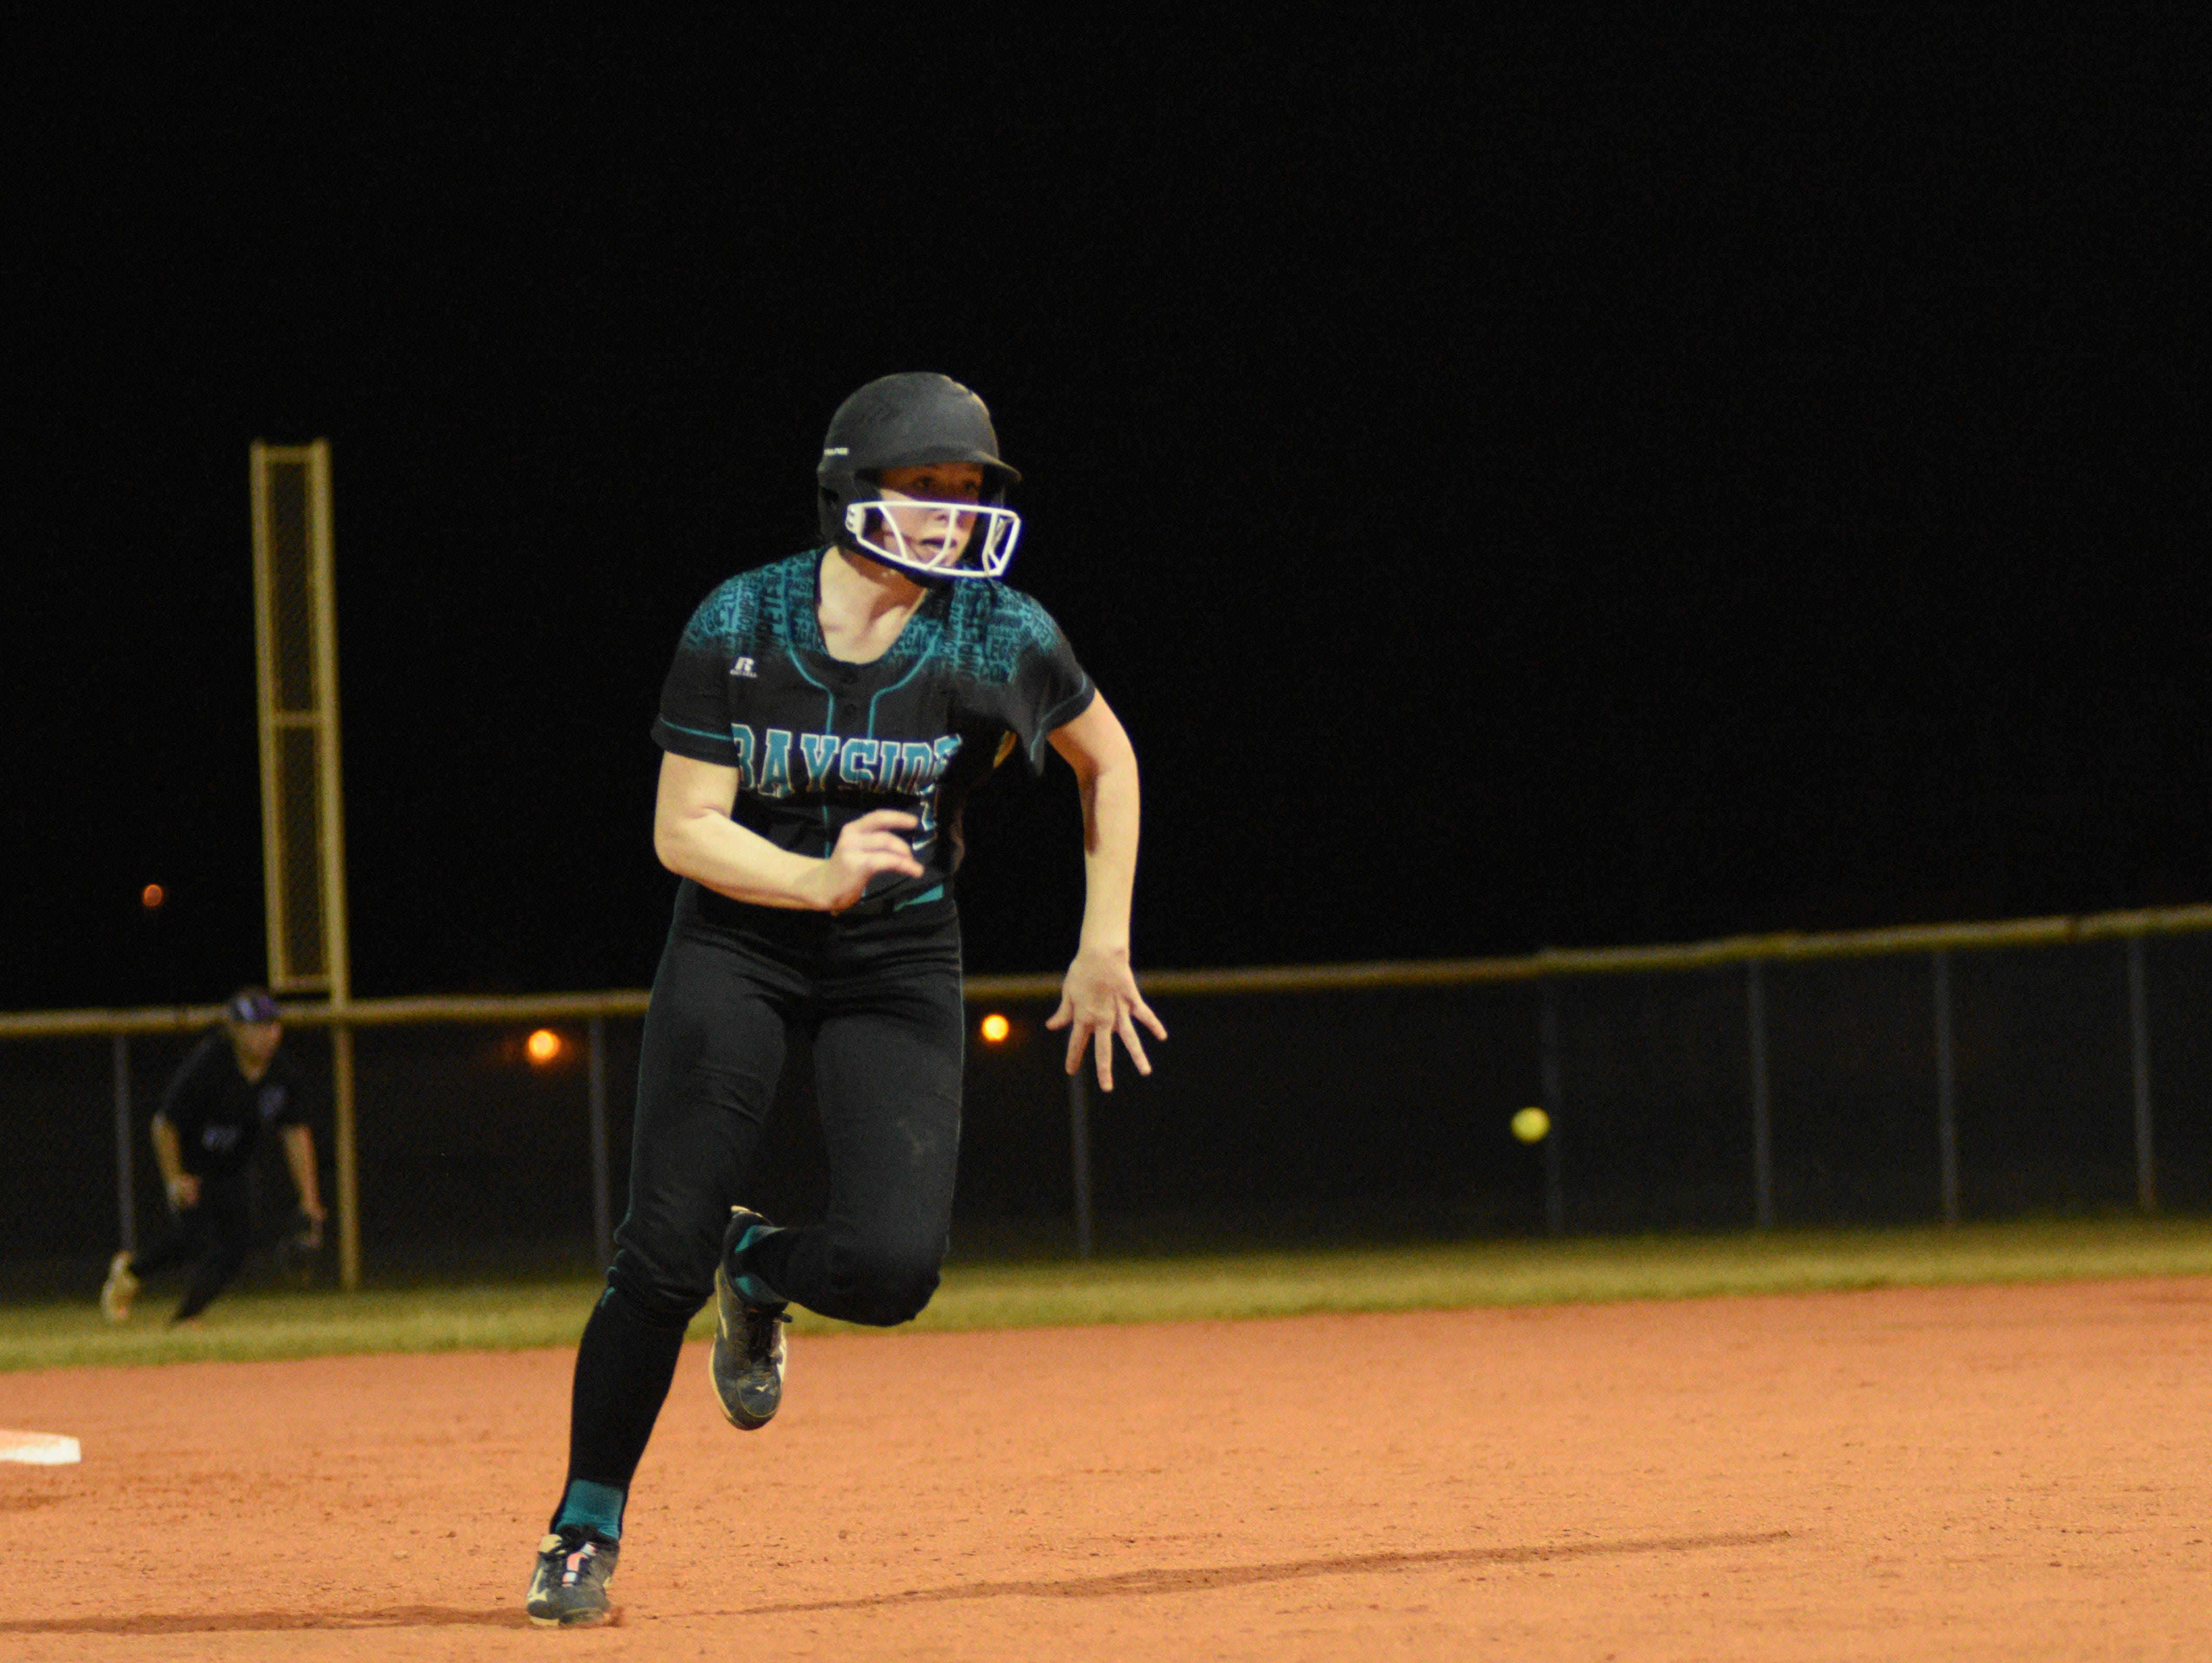 Bayside's Nikki Pennington advances to third base in a game this season.